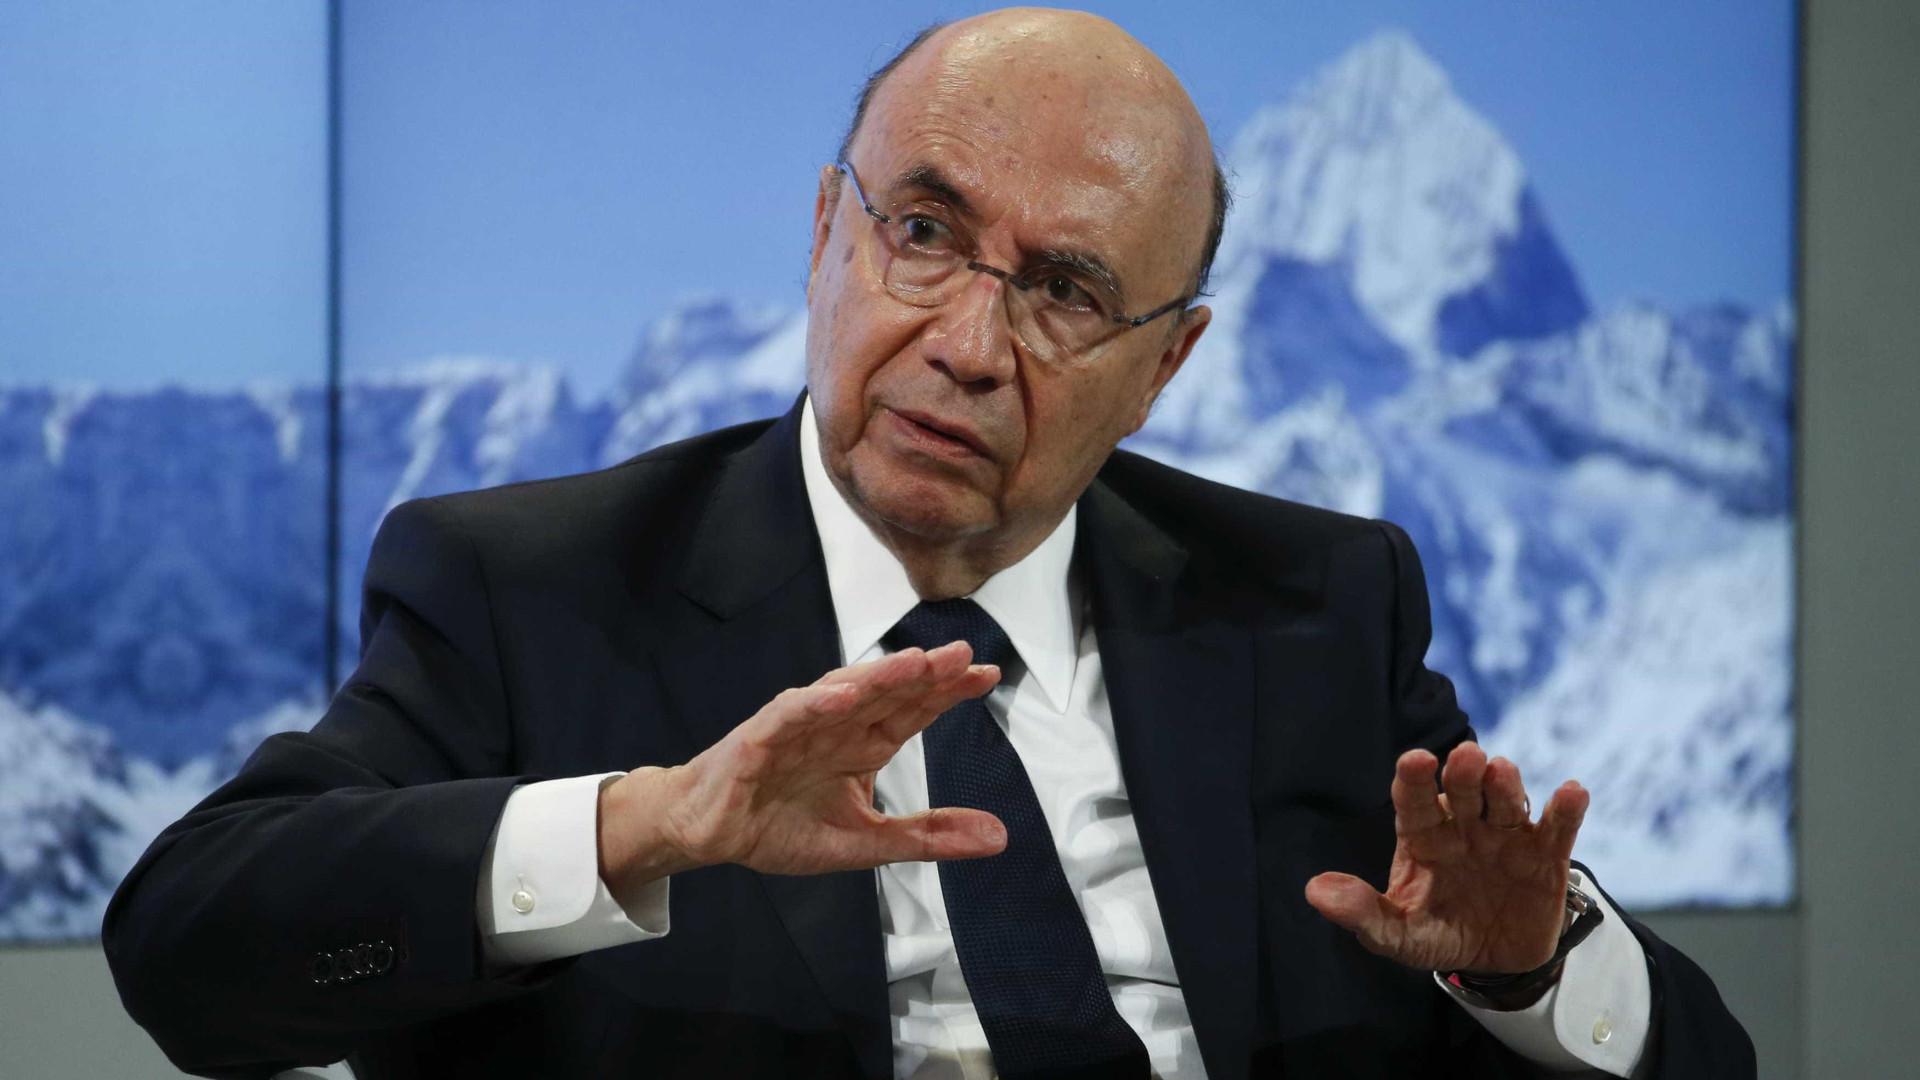 Com reformas, PIB pode chegar a 4% em 3 ou 4 anos, diz Meirelles